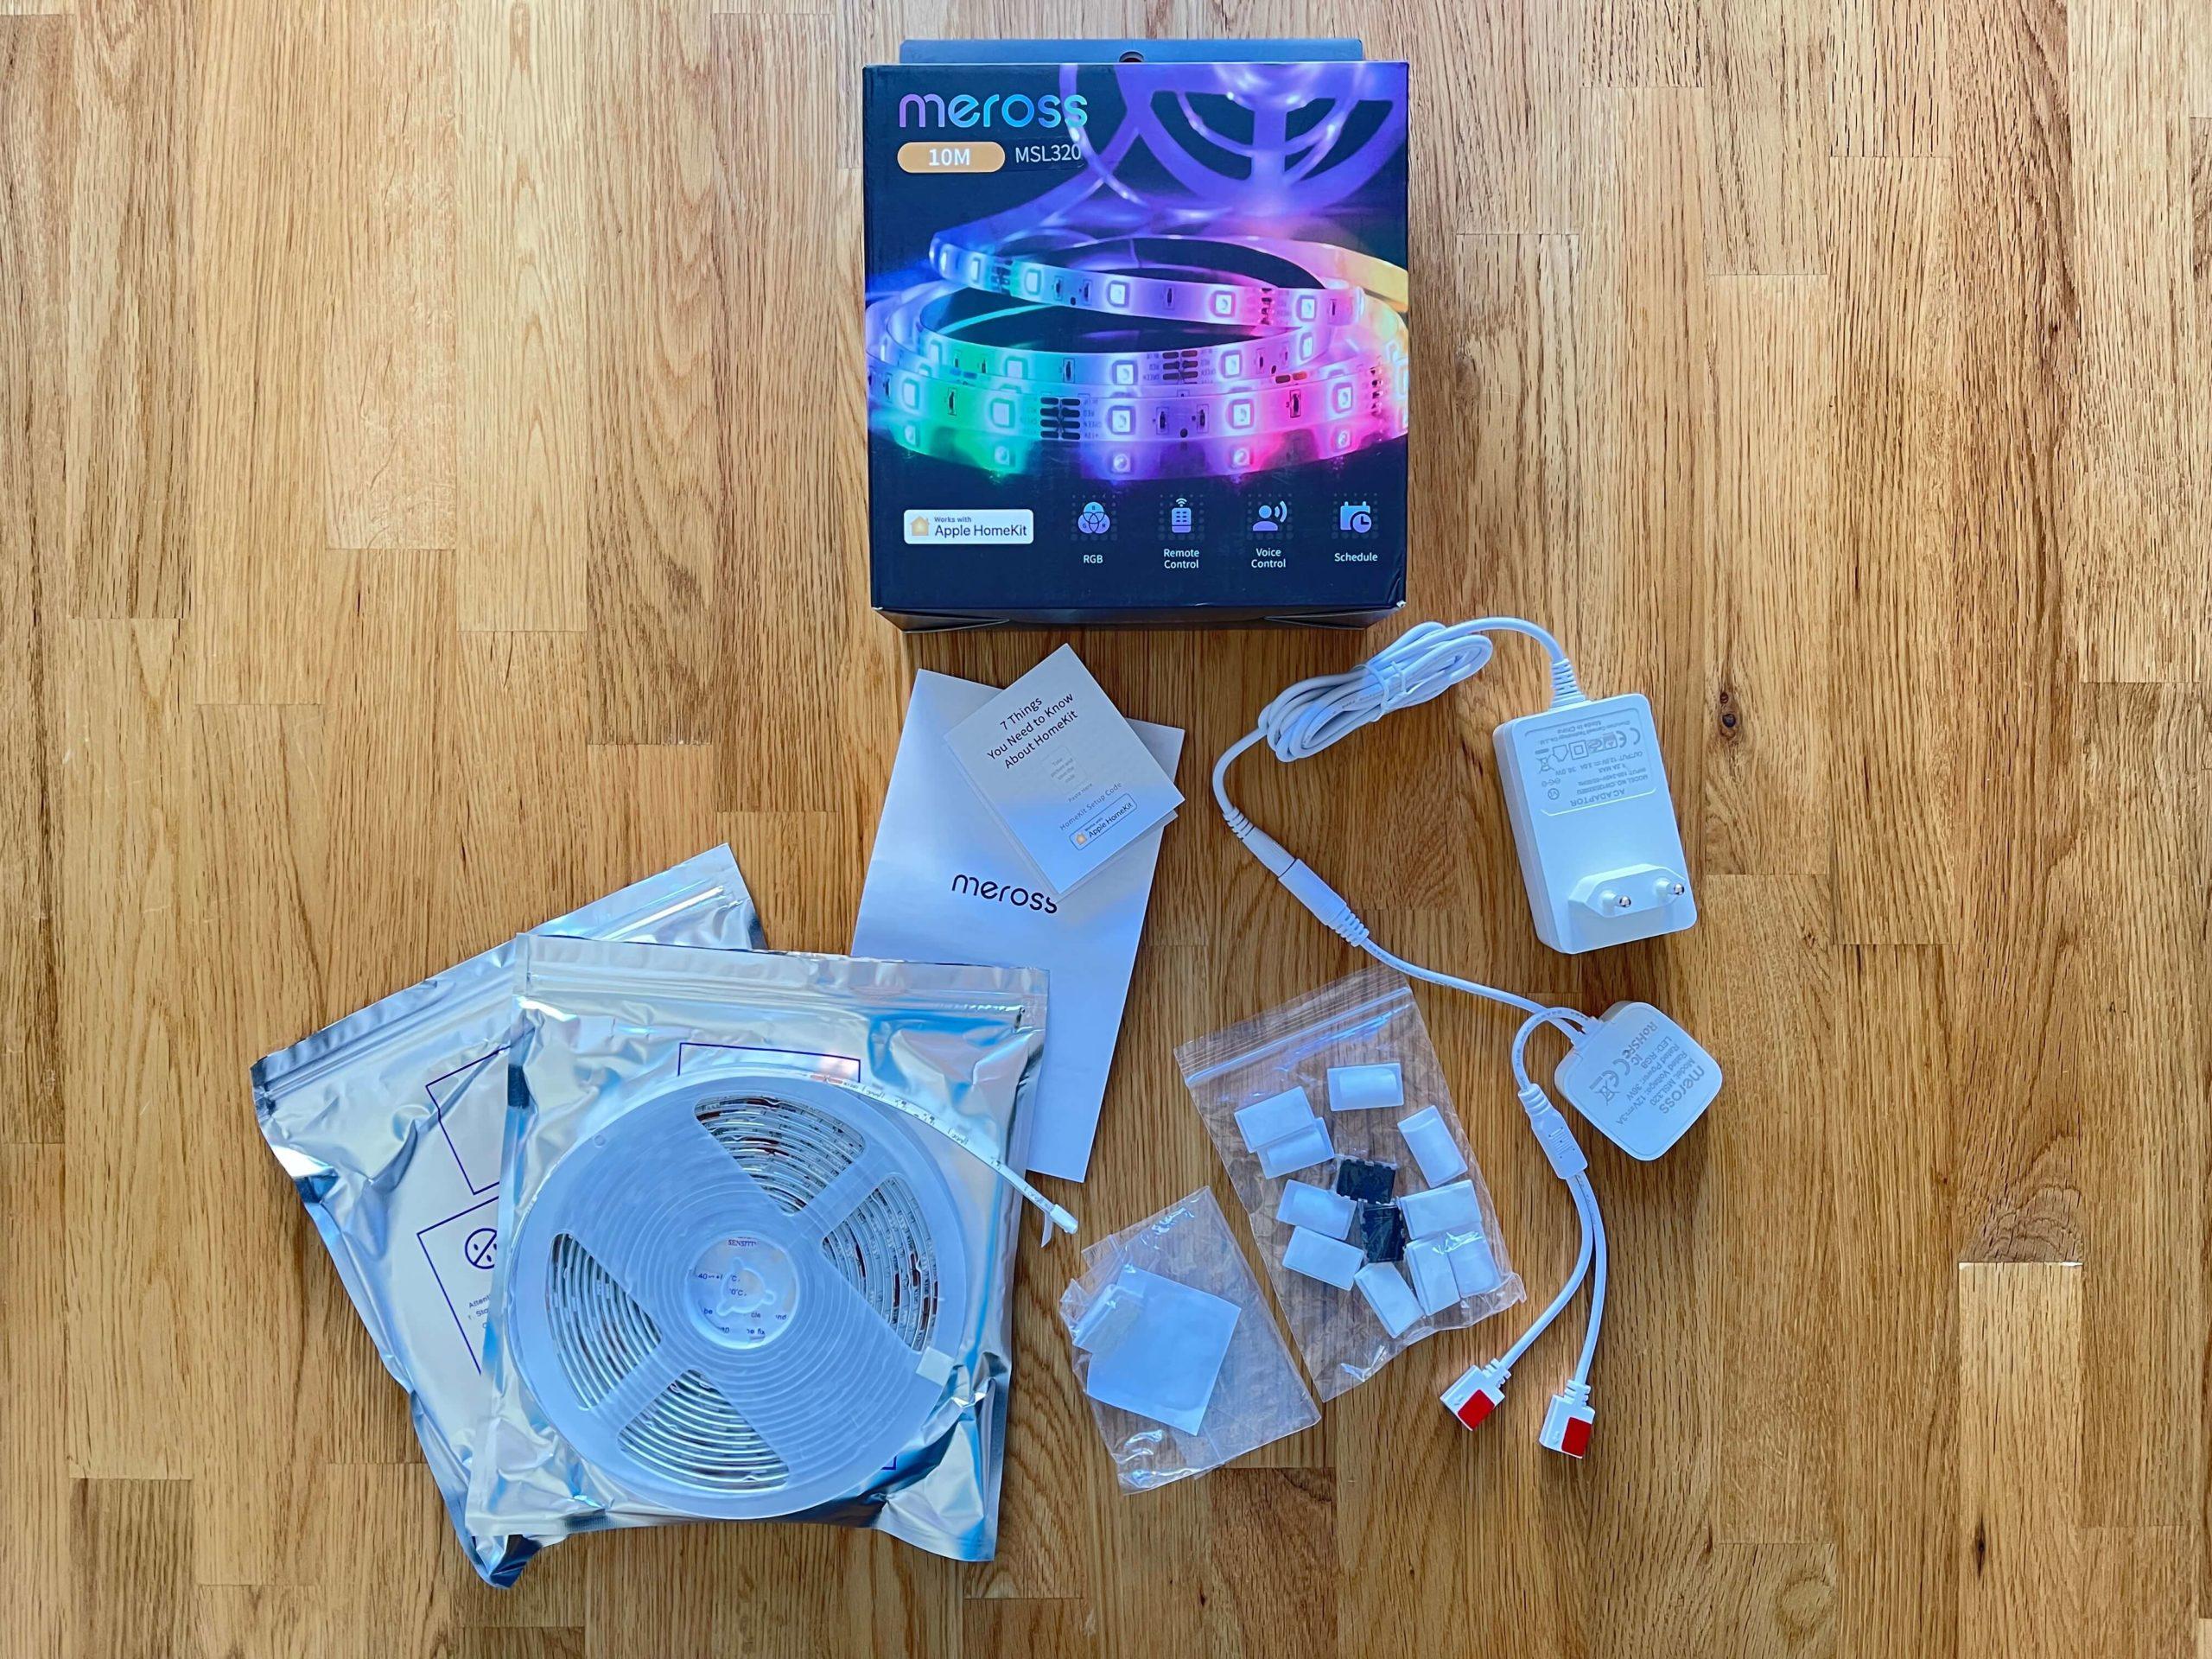 10-Meter-Apple-HomeKit-LED-Leuchtstreifen-von-Meross-gemuetliches-Akzentlicht1-scaled 10 Meter Apple HomeKit LED-Leuchtstreifen von Meross - gemütliches Akzentlicht